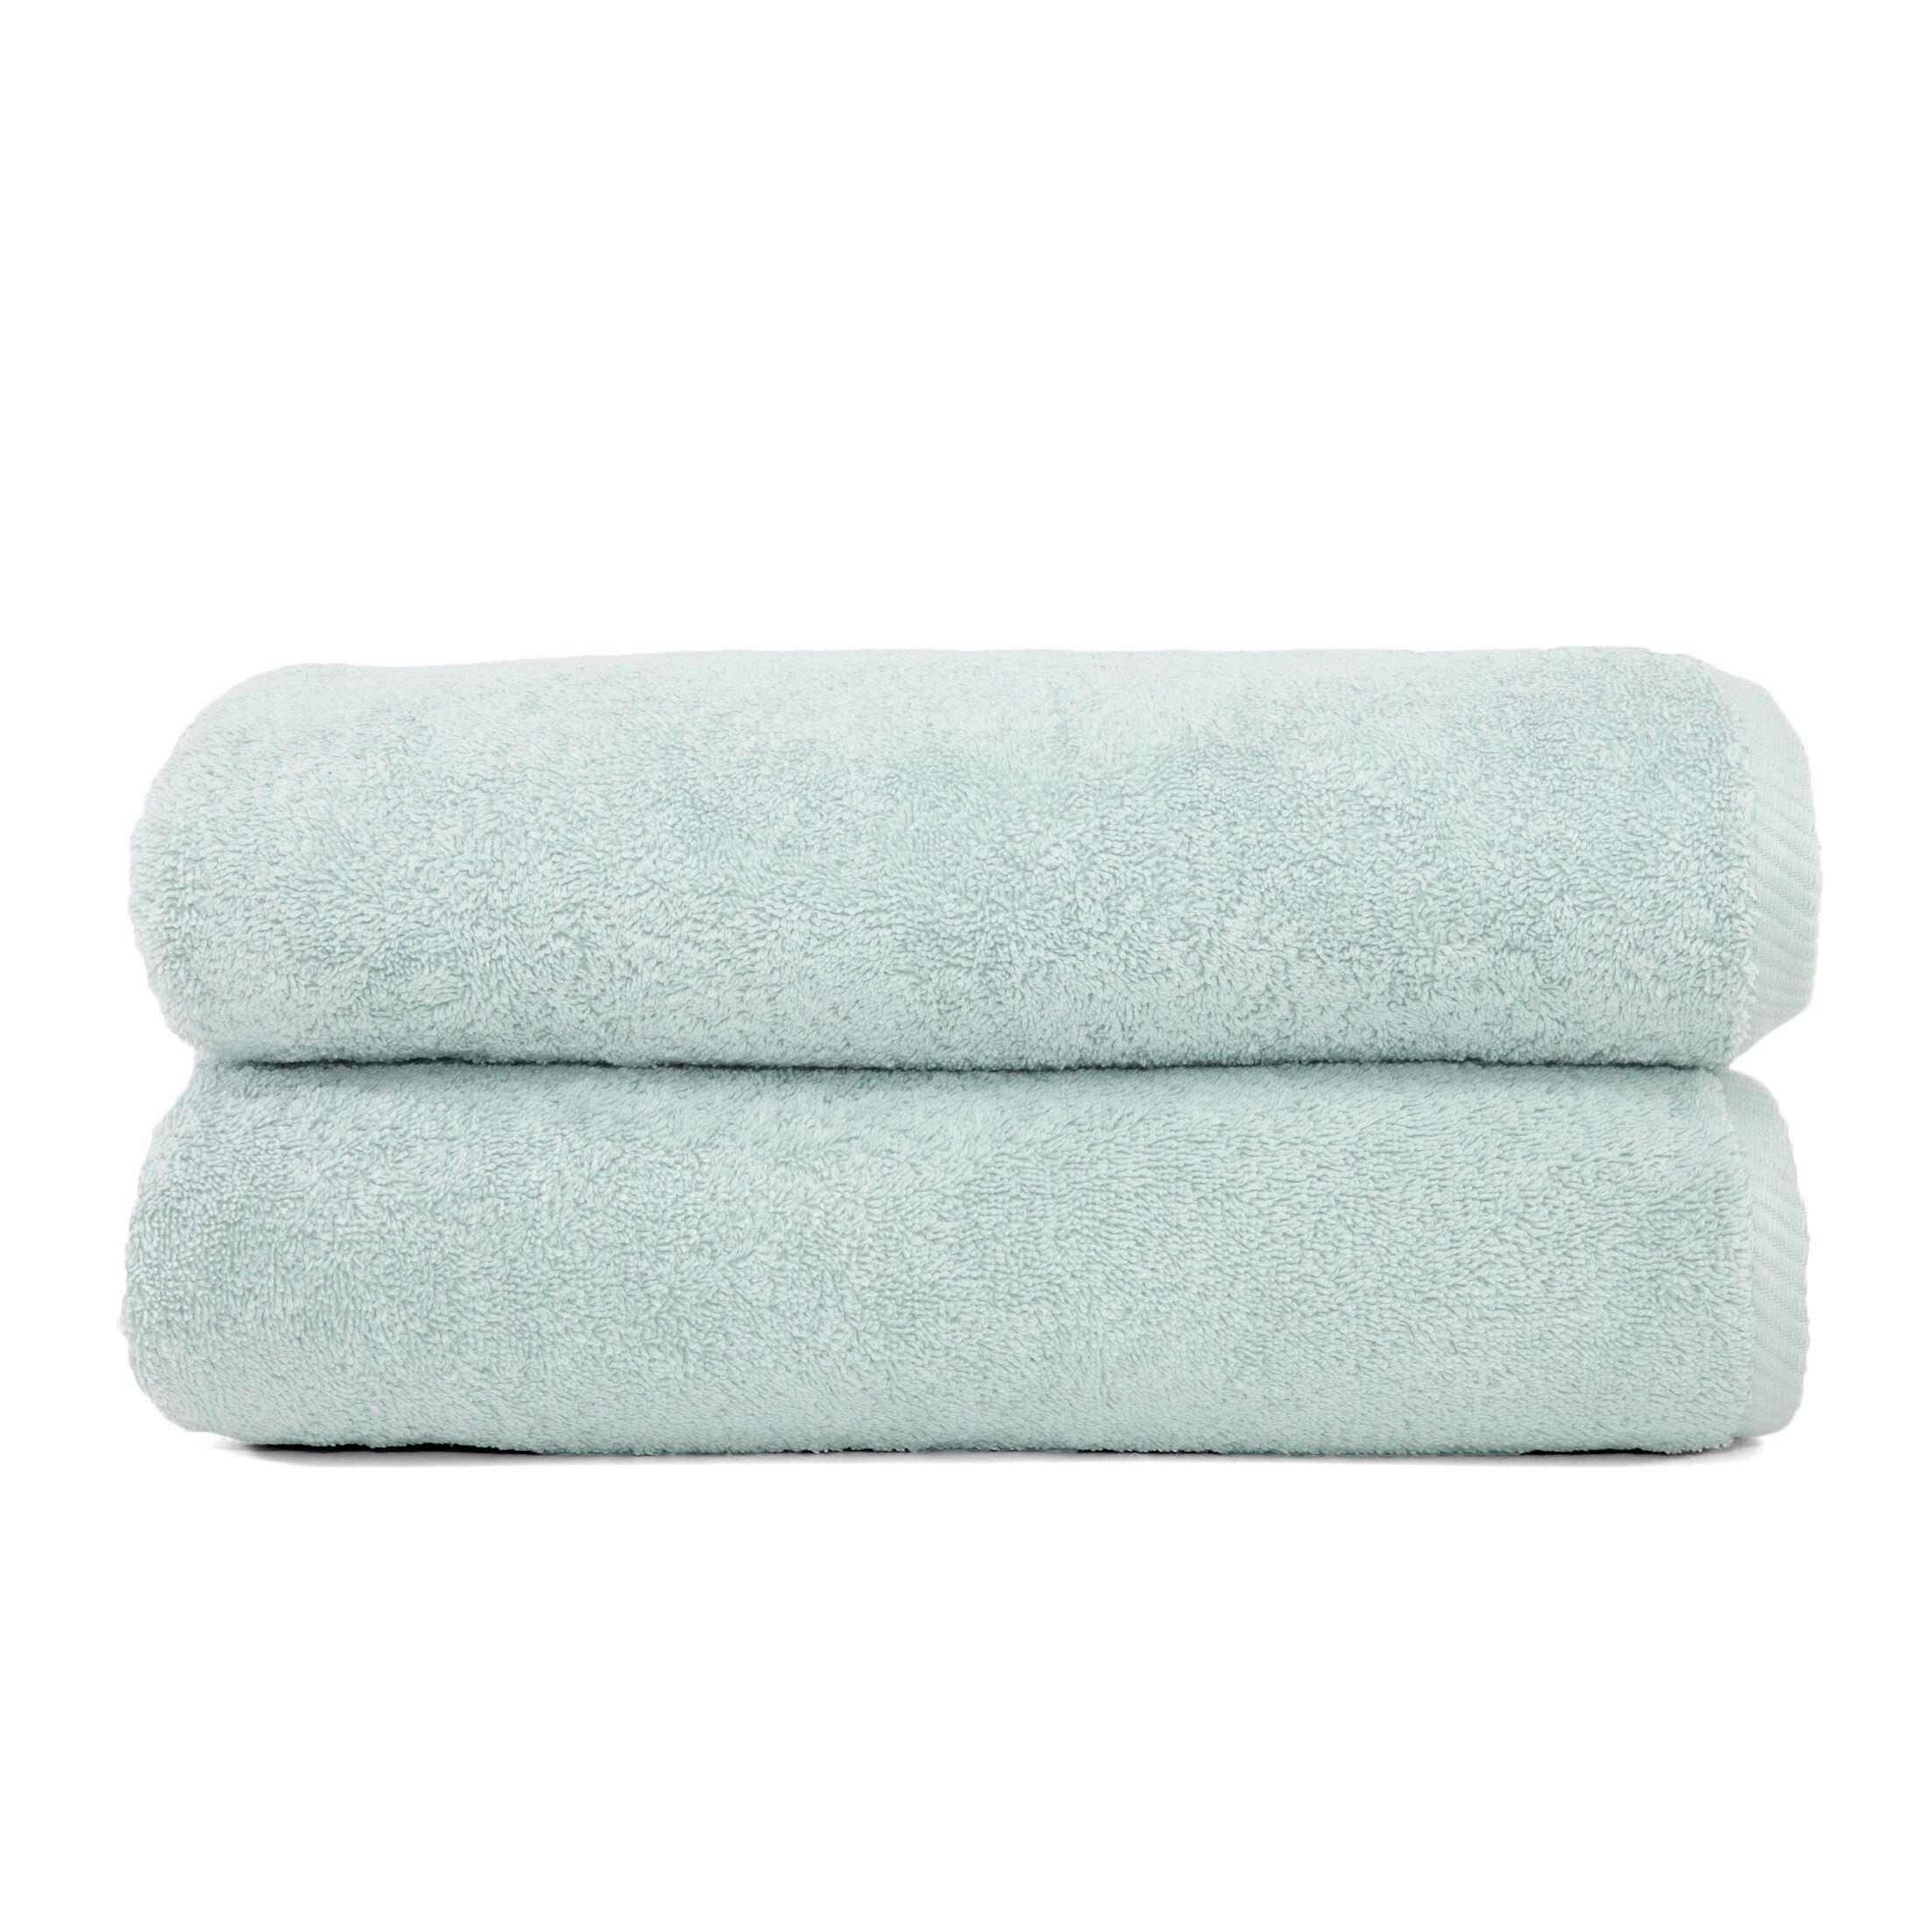 Sprimont 100% Turkish Cotton Soft Twist Bath Towel Color: Soft Aqua